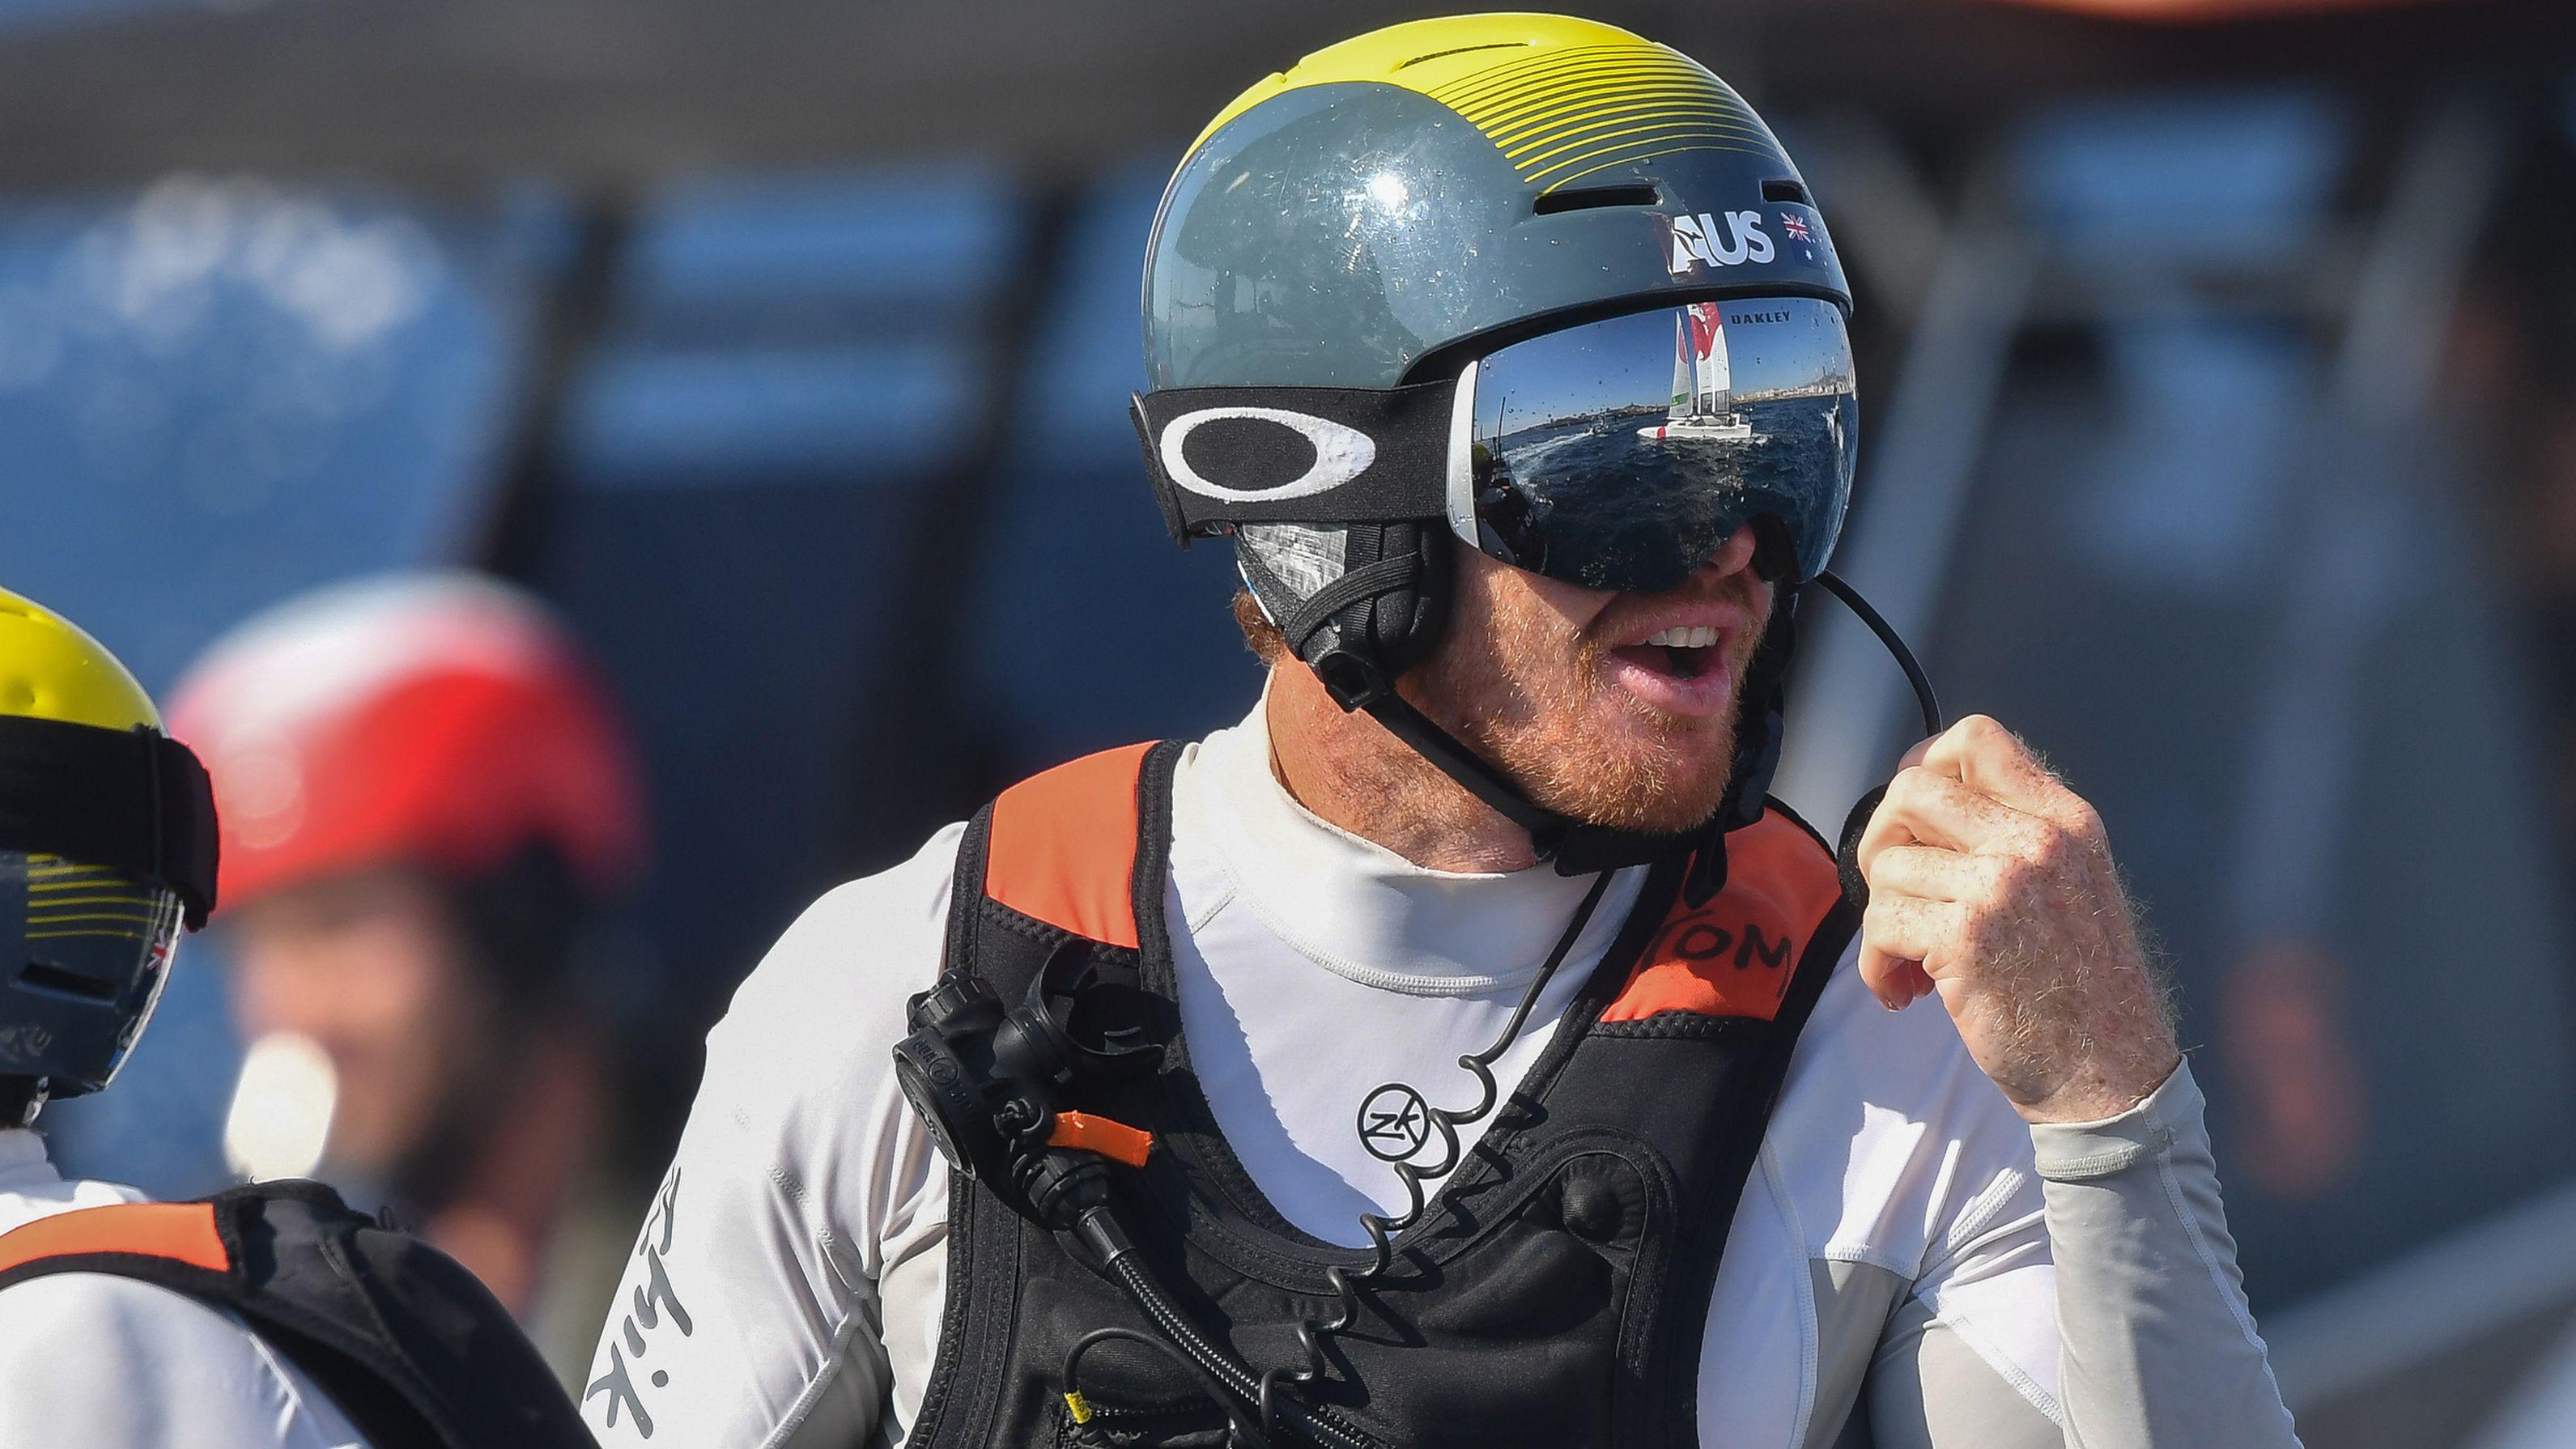 EXCLUSIVE: SailGP season to begin as Australia skipper Tom Slingsby eyes repeat win